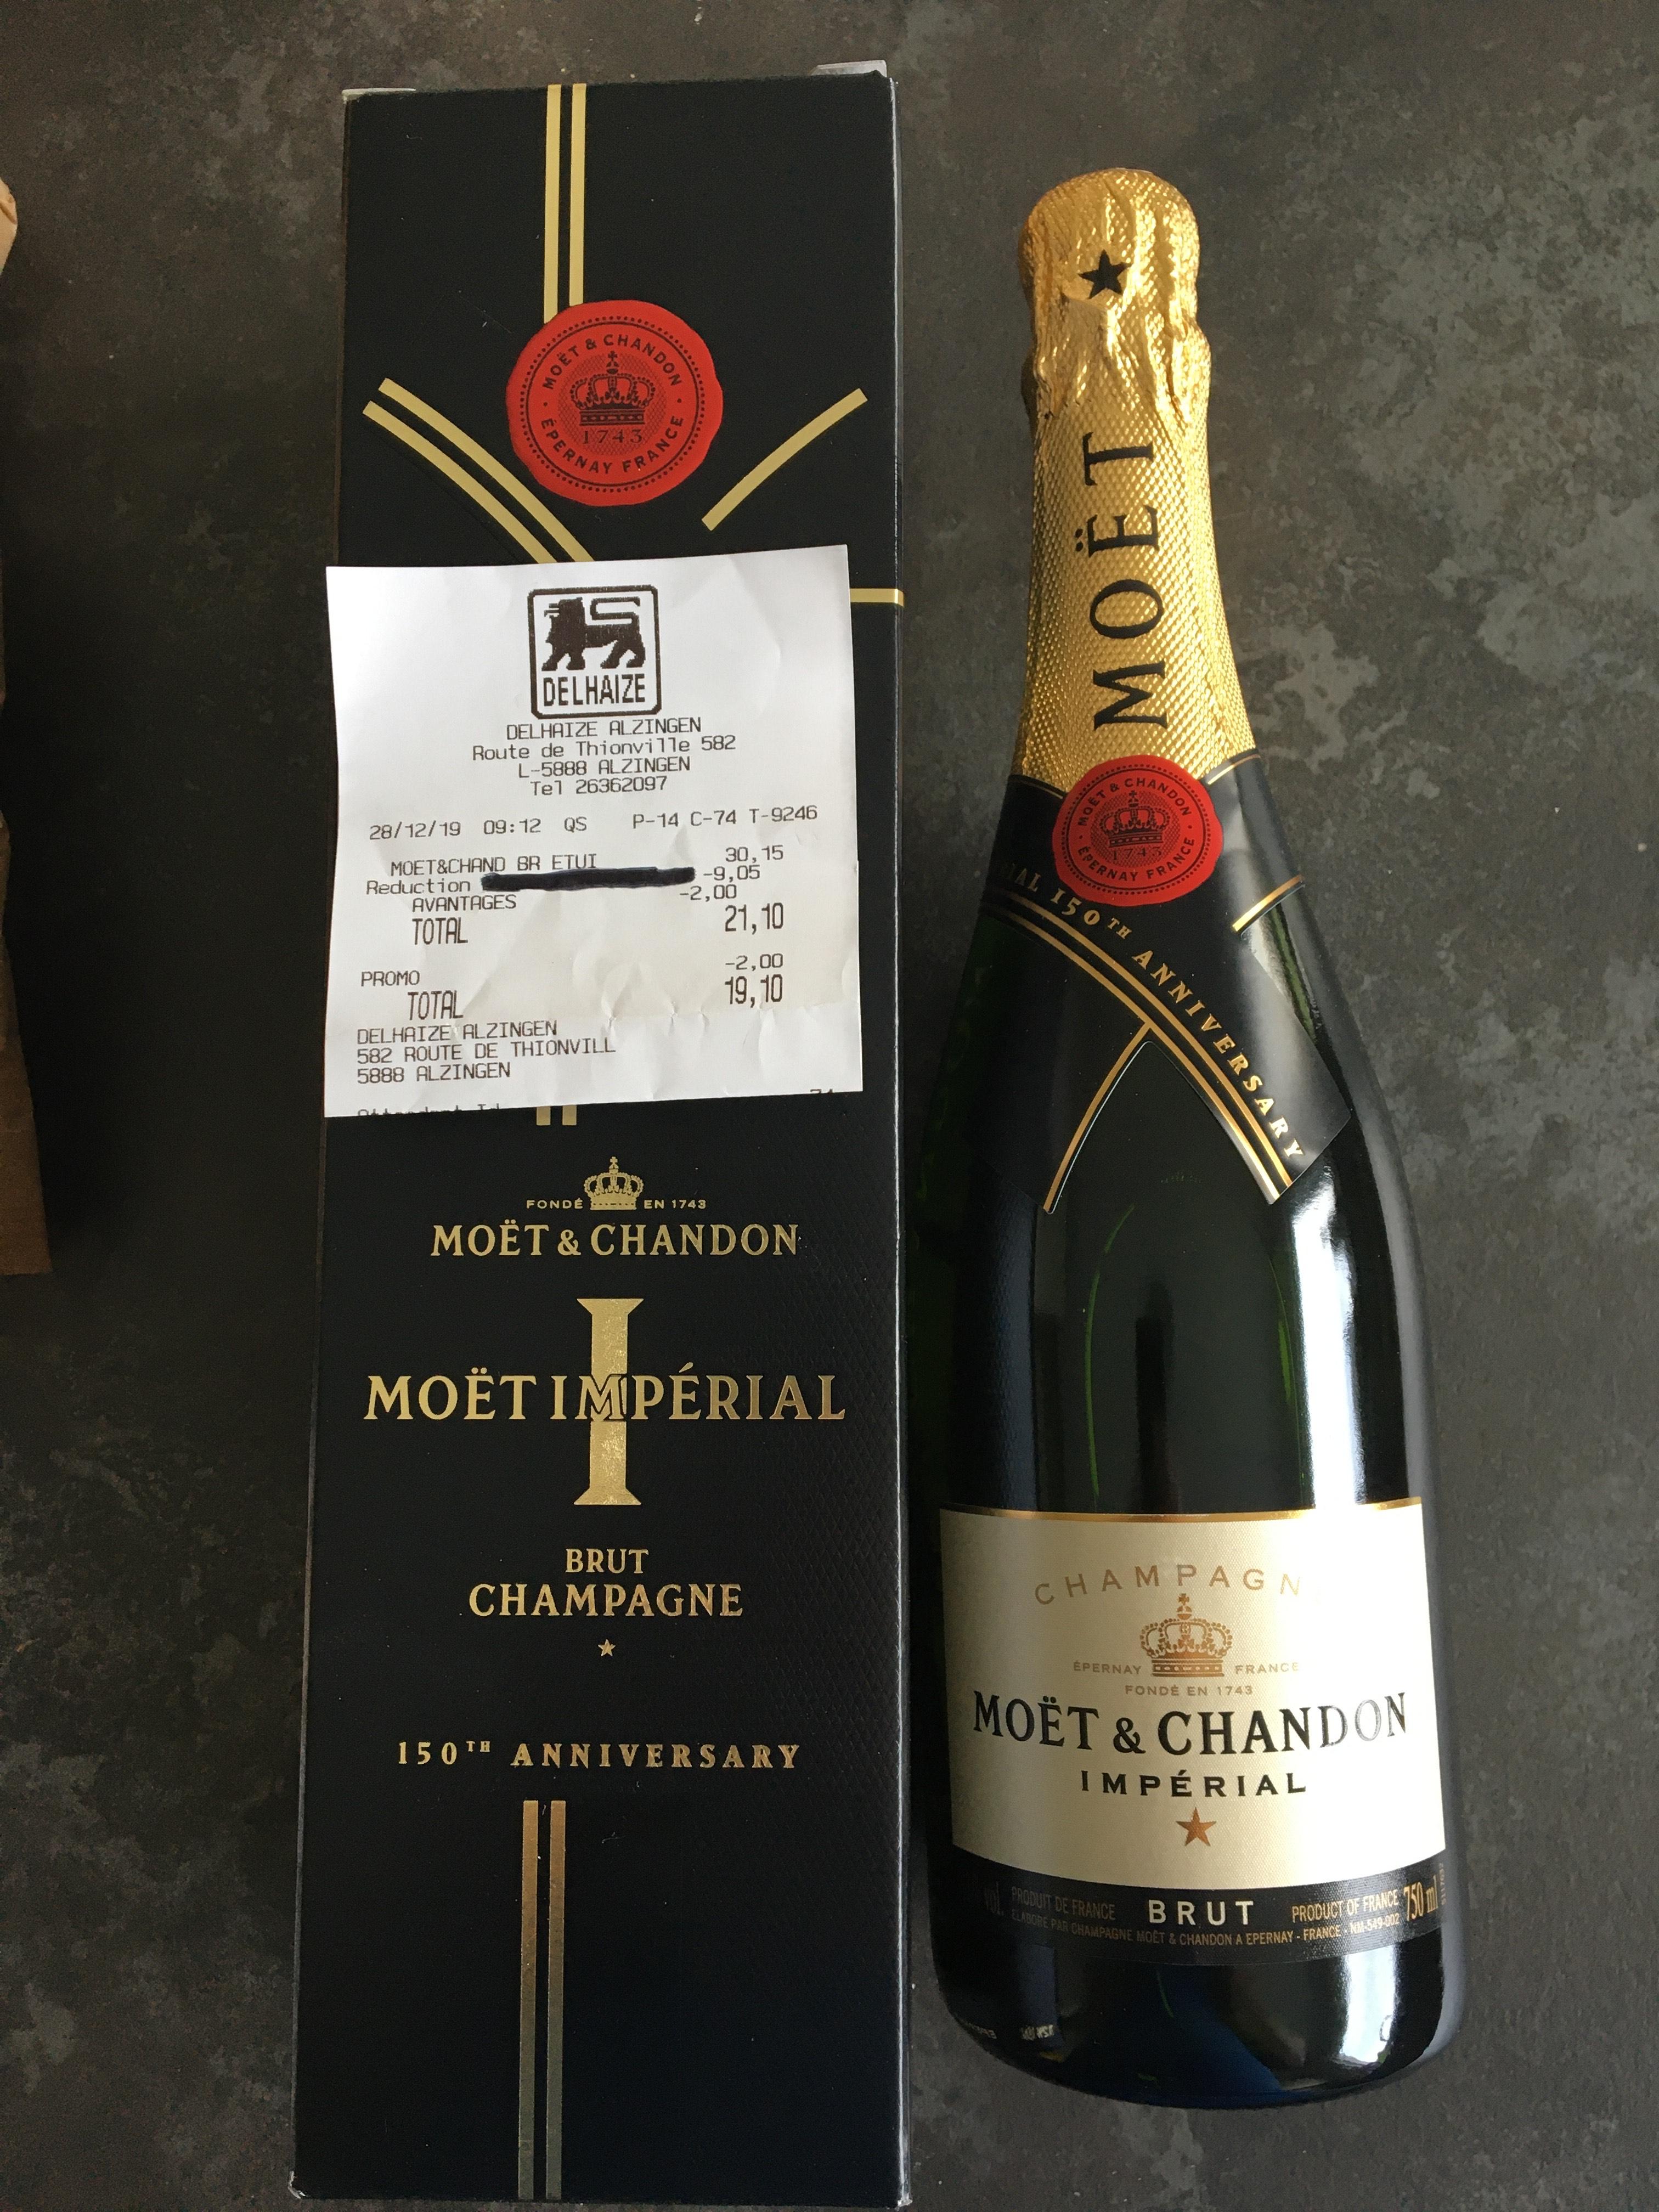 Champagne Moët & Chandon impérial brut - chez Delhaize (Frontaliers Luxembourg - Alzingen)